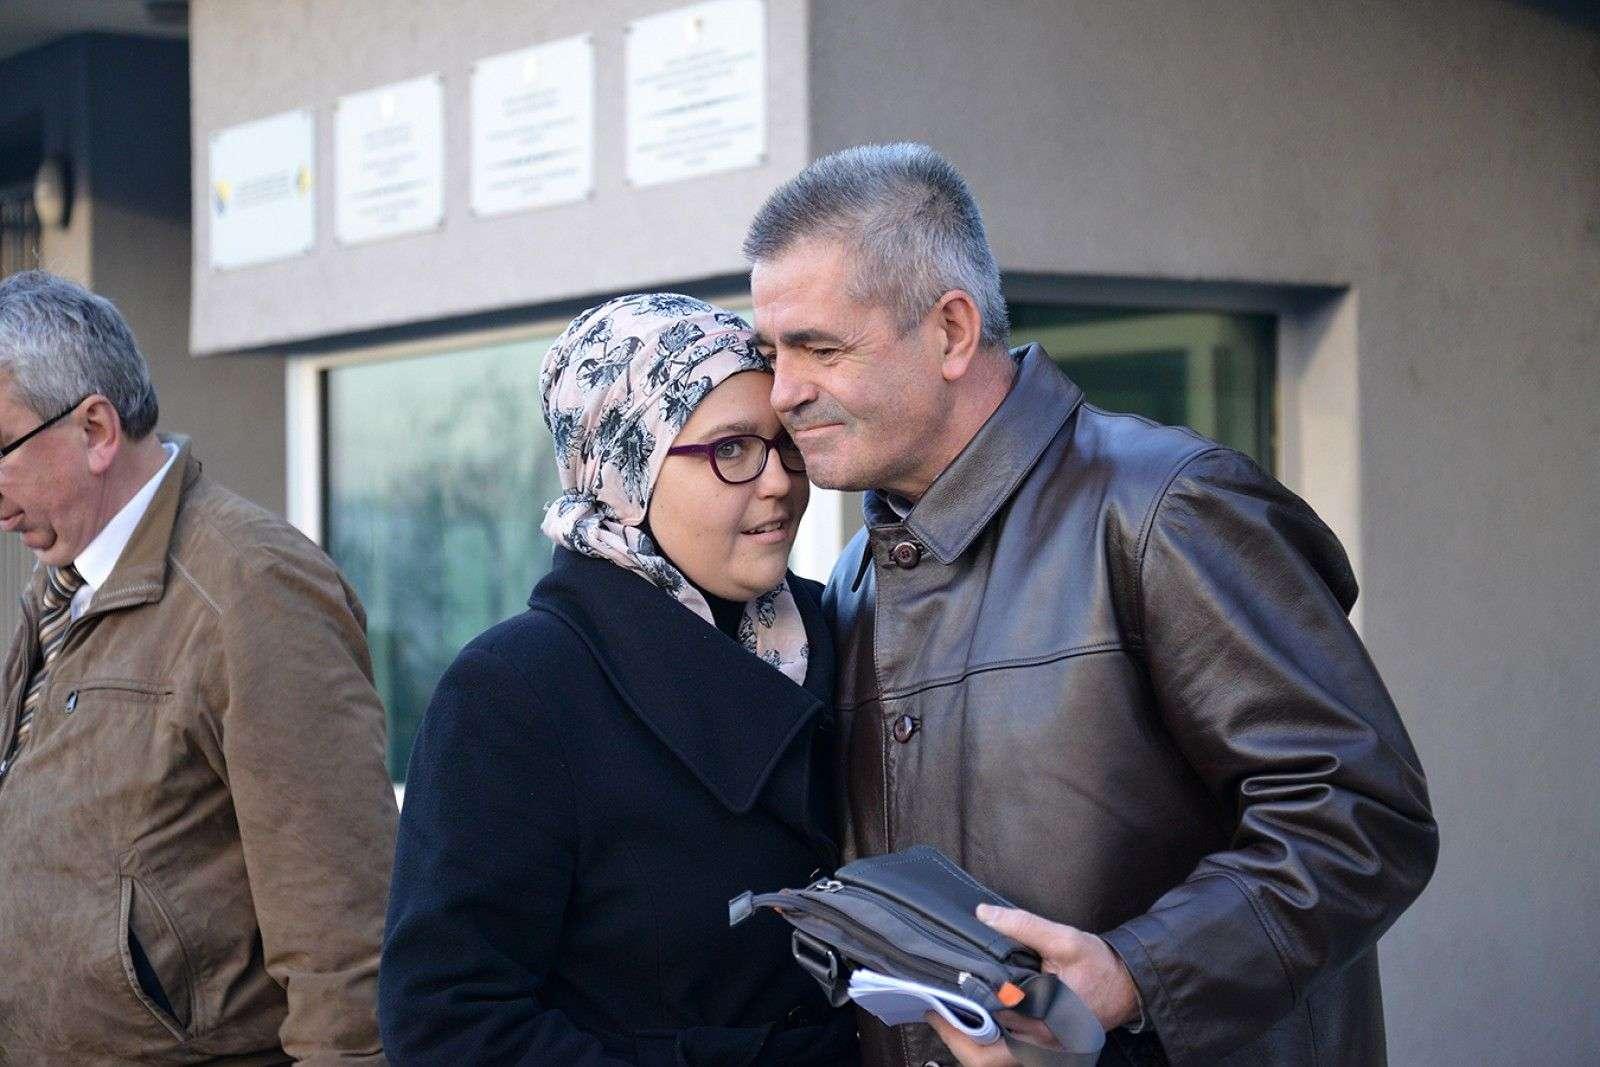 suđenje sejdiću okončano, izricanje presude sredinom jula